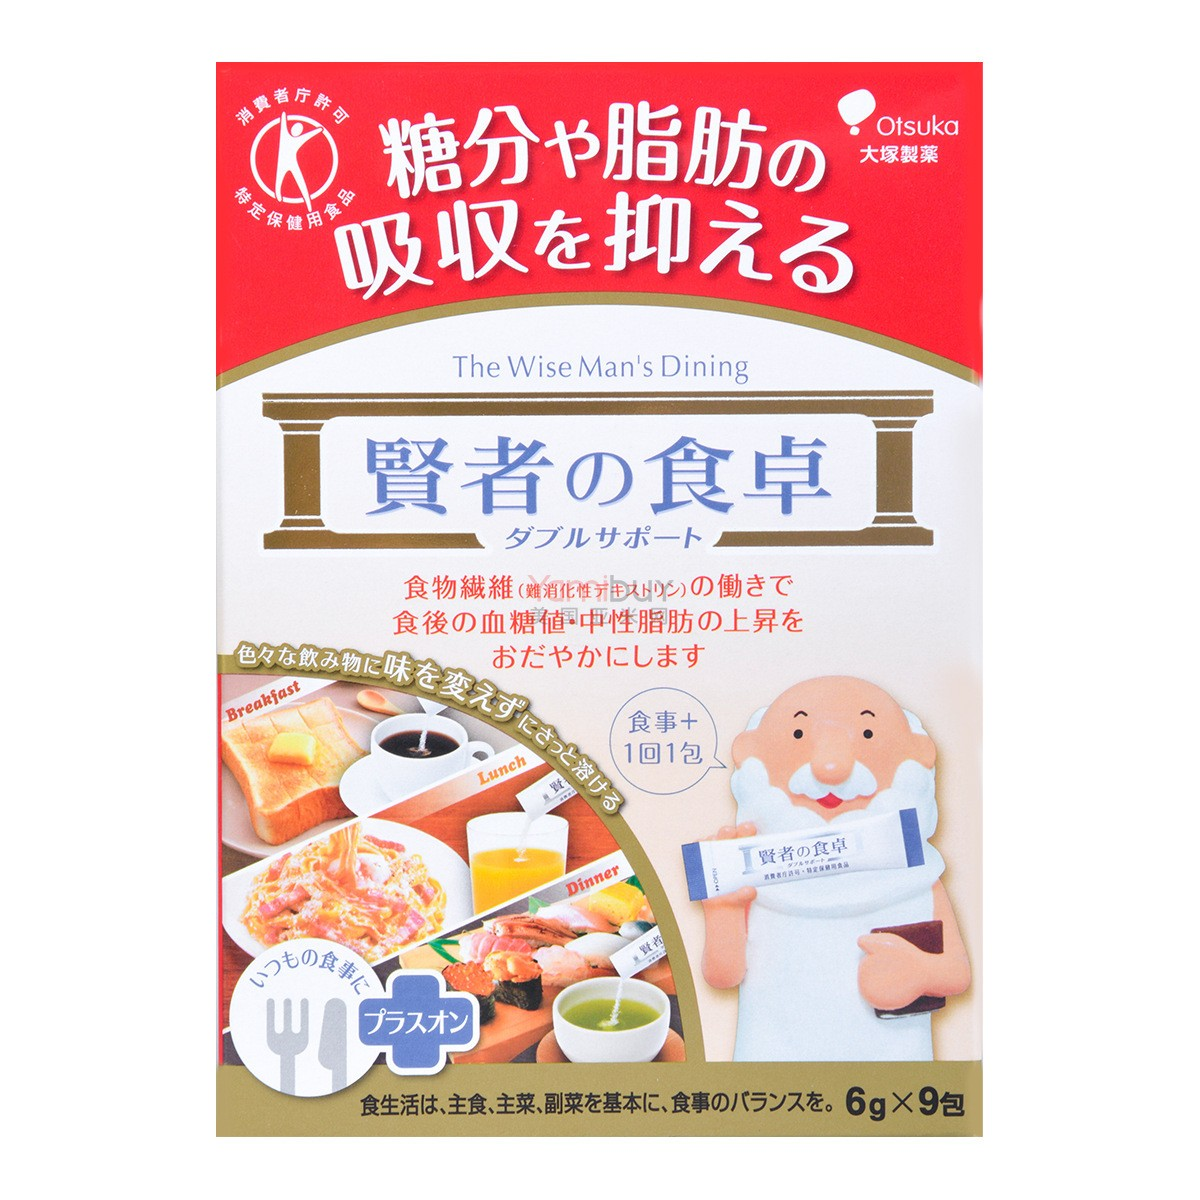 日本OTSUKA大塚食品 贤者の食卓 抑制糖和脂肪的吸收 6g x 9包